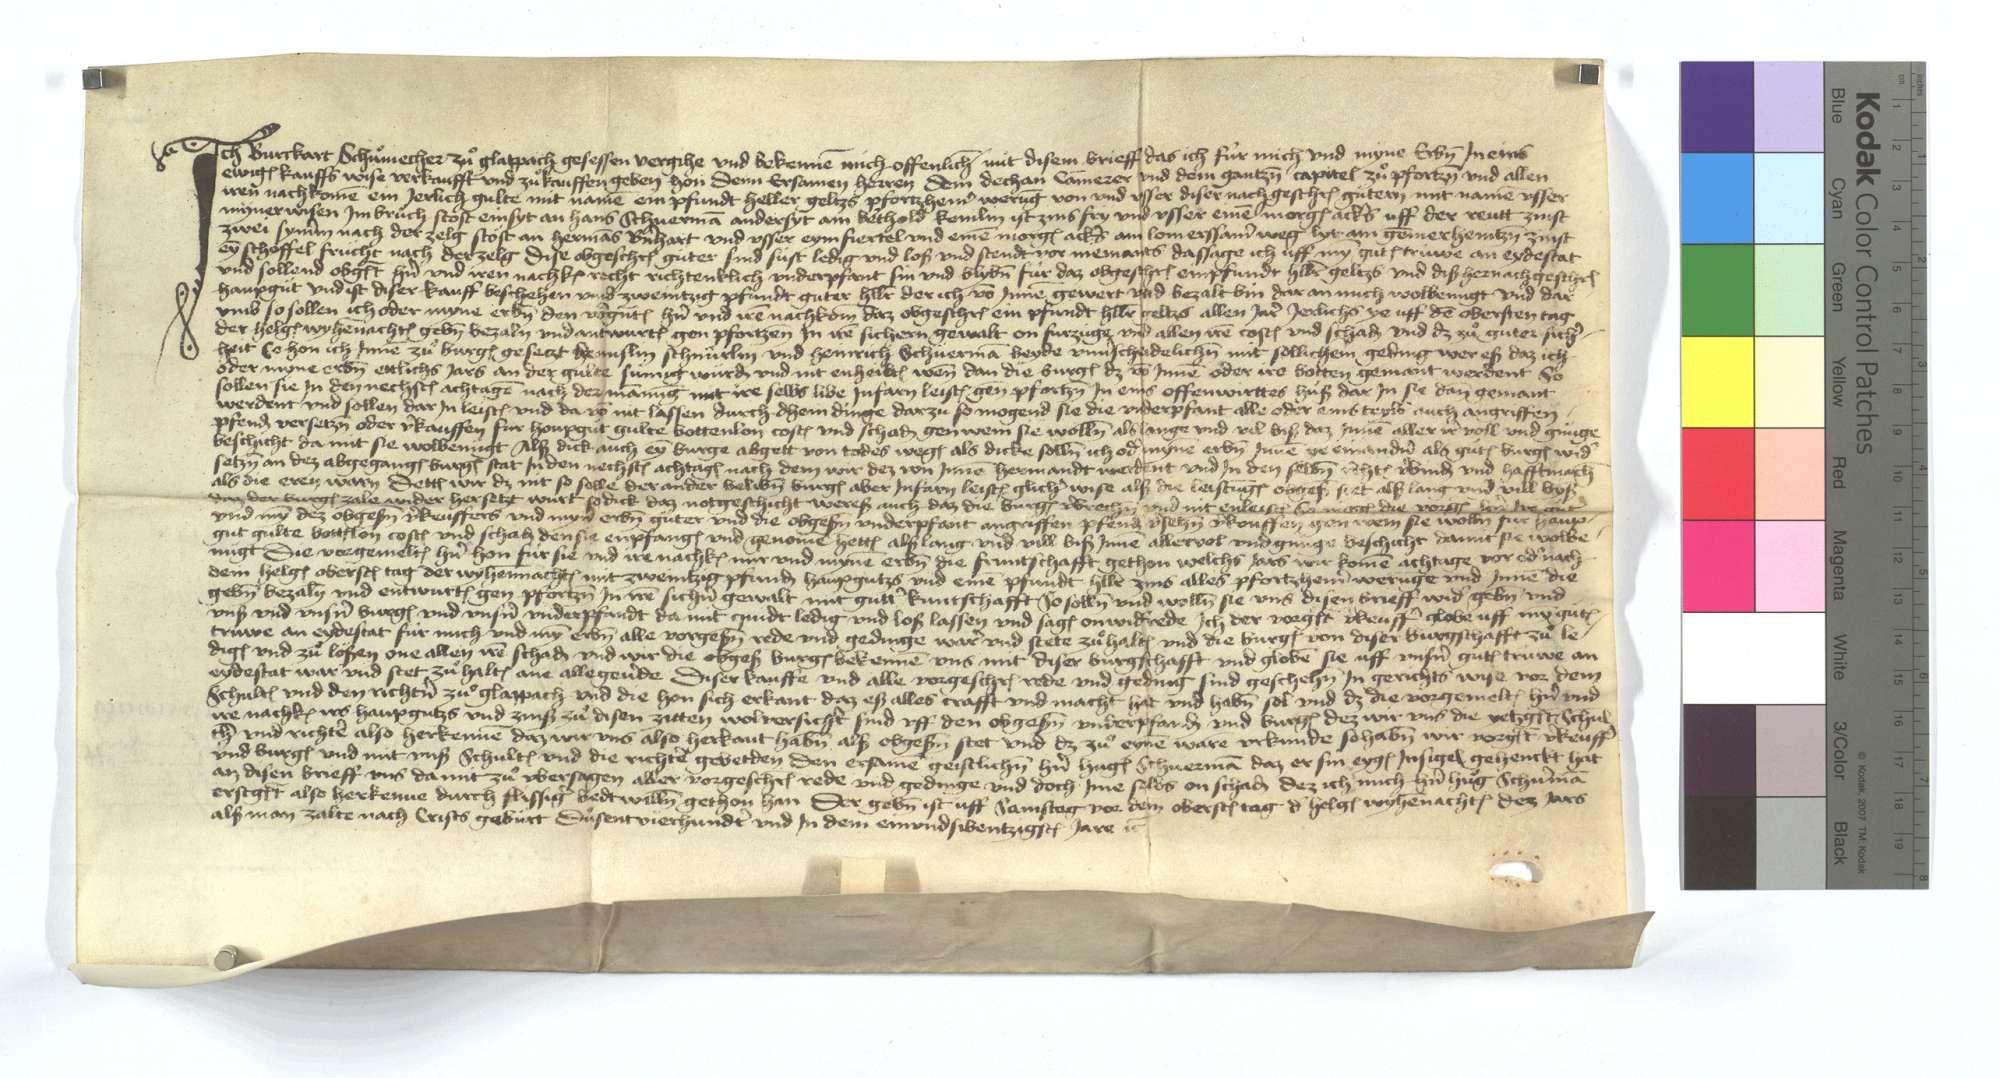 Gültbrief Burkart Schumachers von Glattbach (Glapach) gegen das Kapitel von Pforzheim., Text